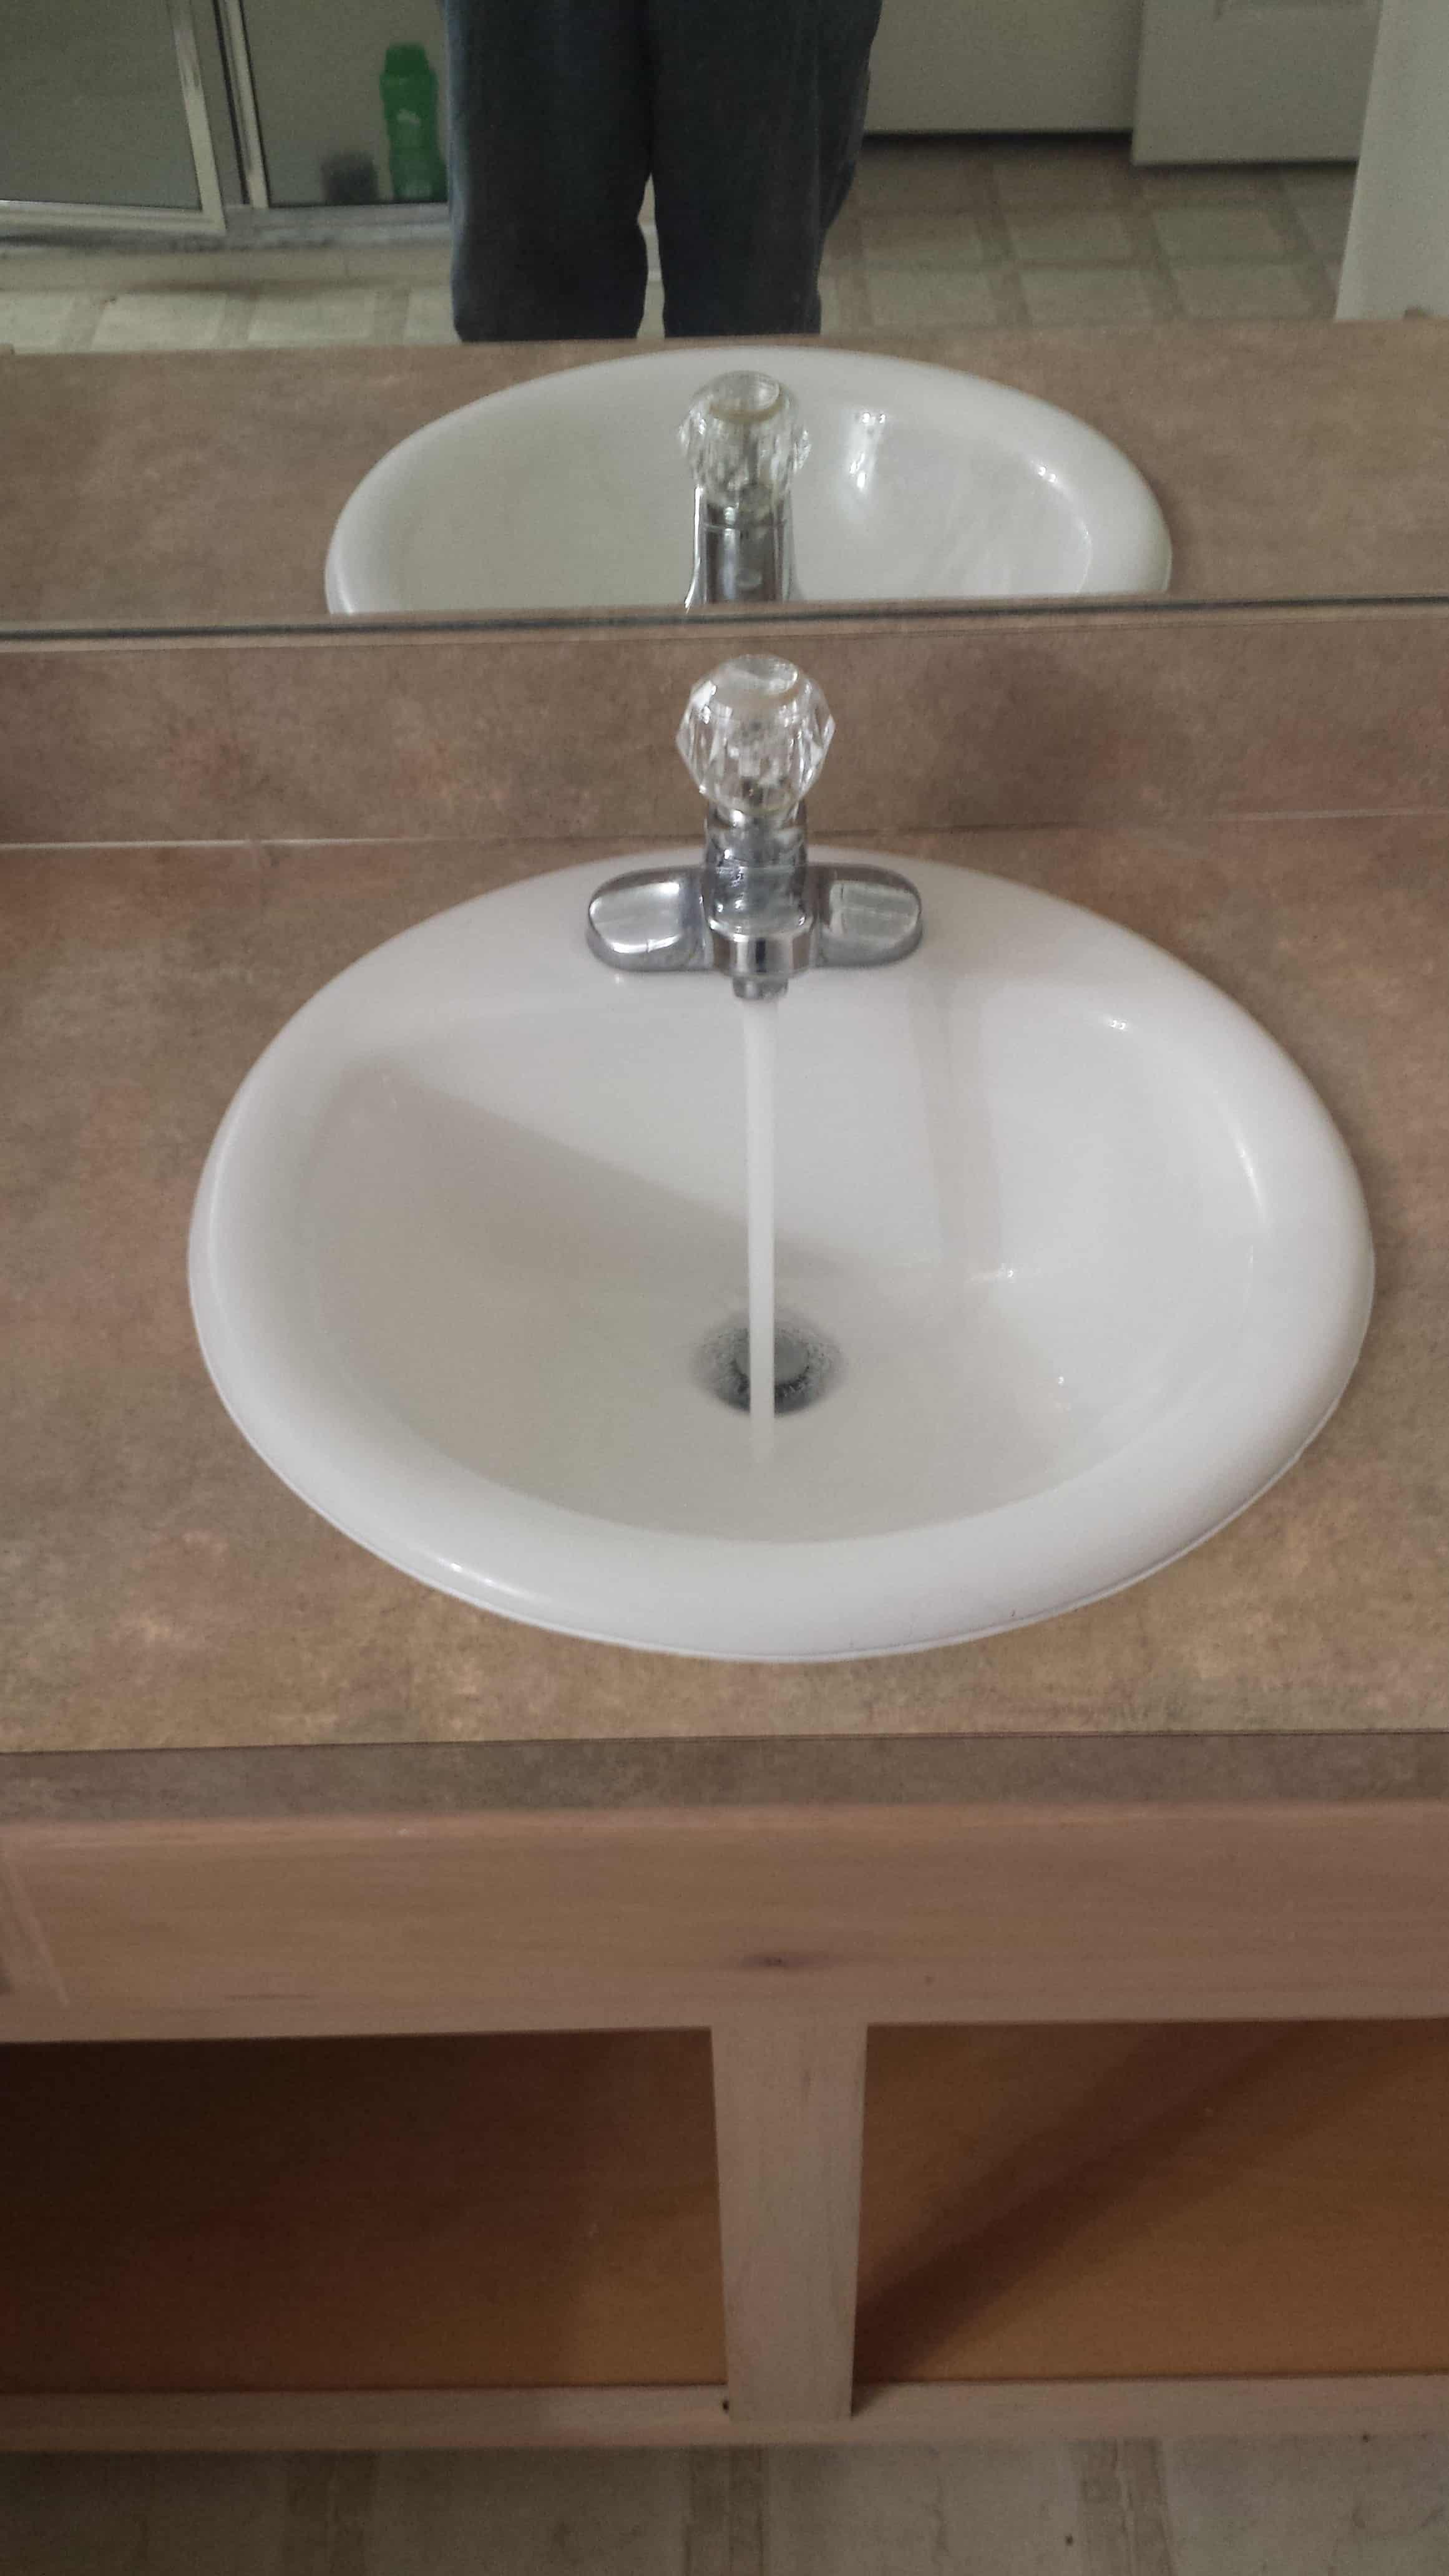 Bathroom Sink dreamyperson Unique Bathroom Sink Replacement